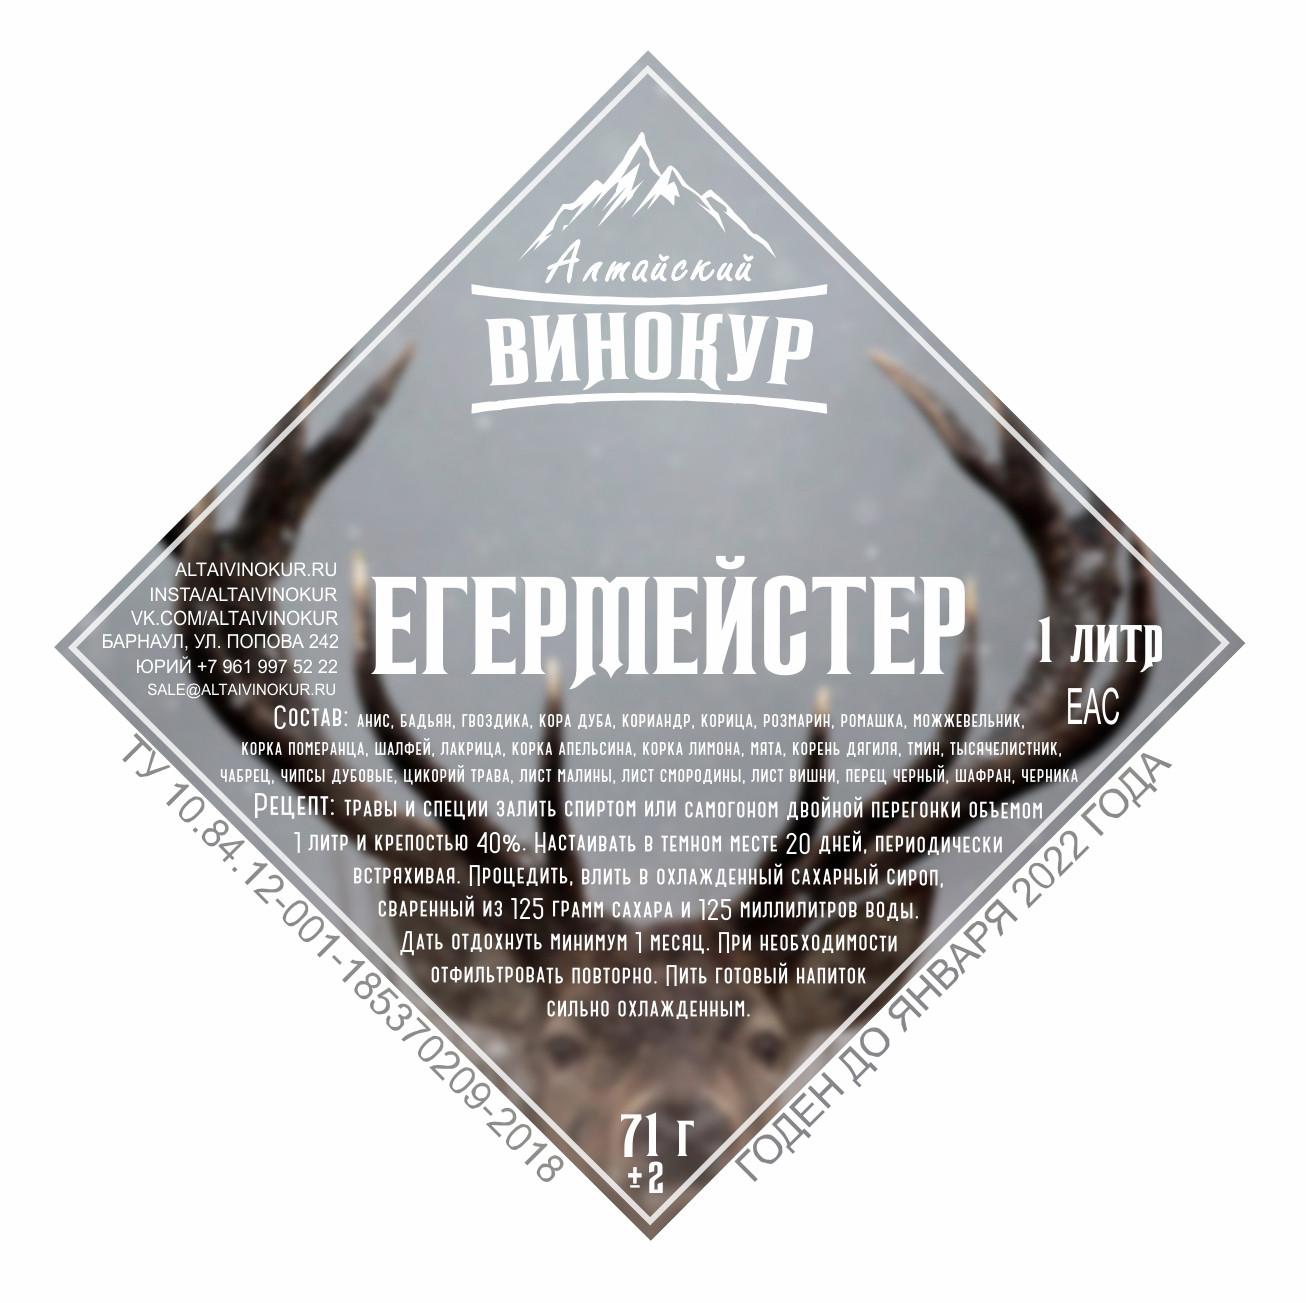 """Набор для настаивания """"Егермейстер"""" (Алтайский винокур)"""